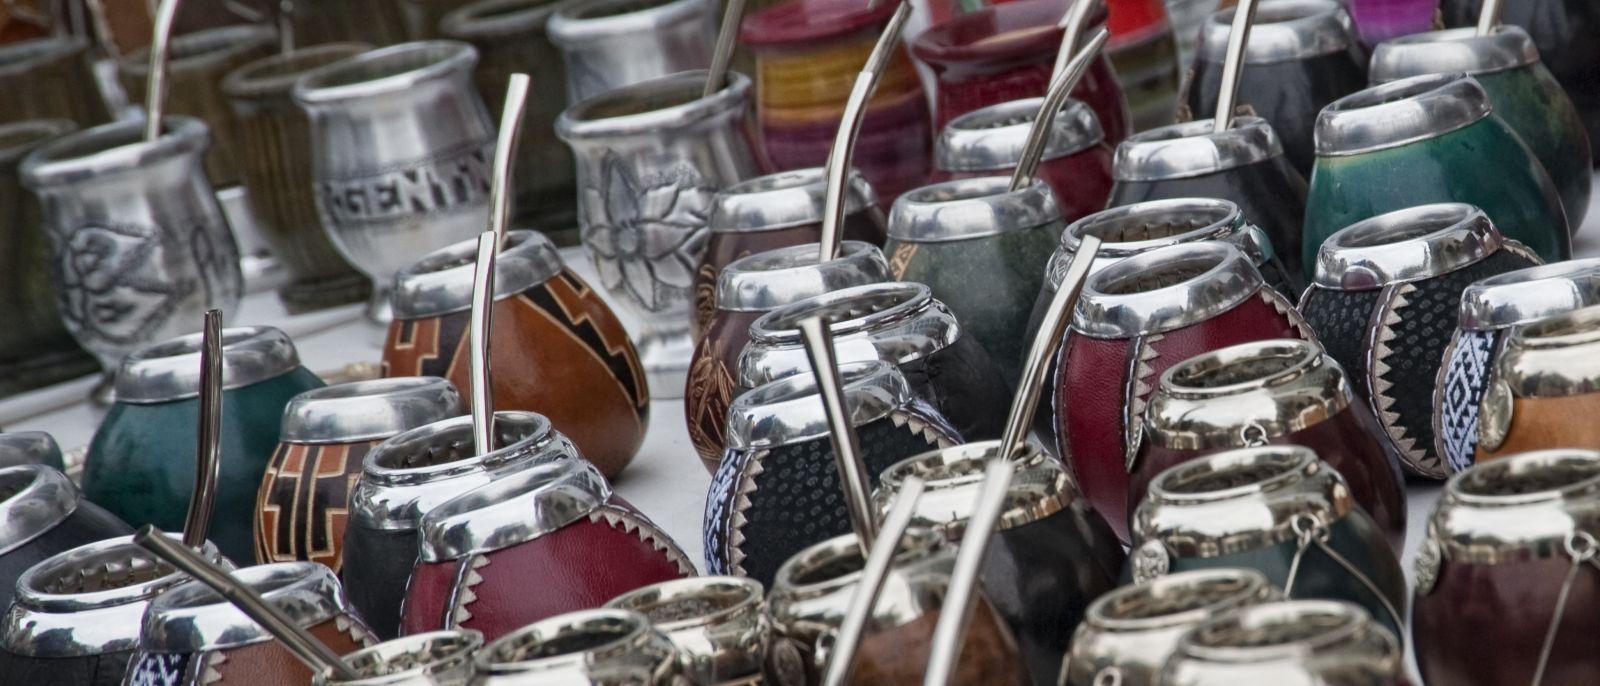 Circuito Yerba Mate : Historia de la yerba mate wikipedia la enciclopedia libre